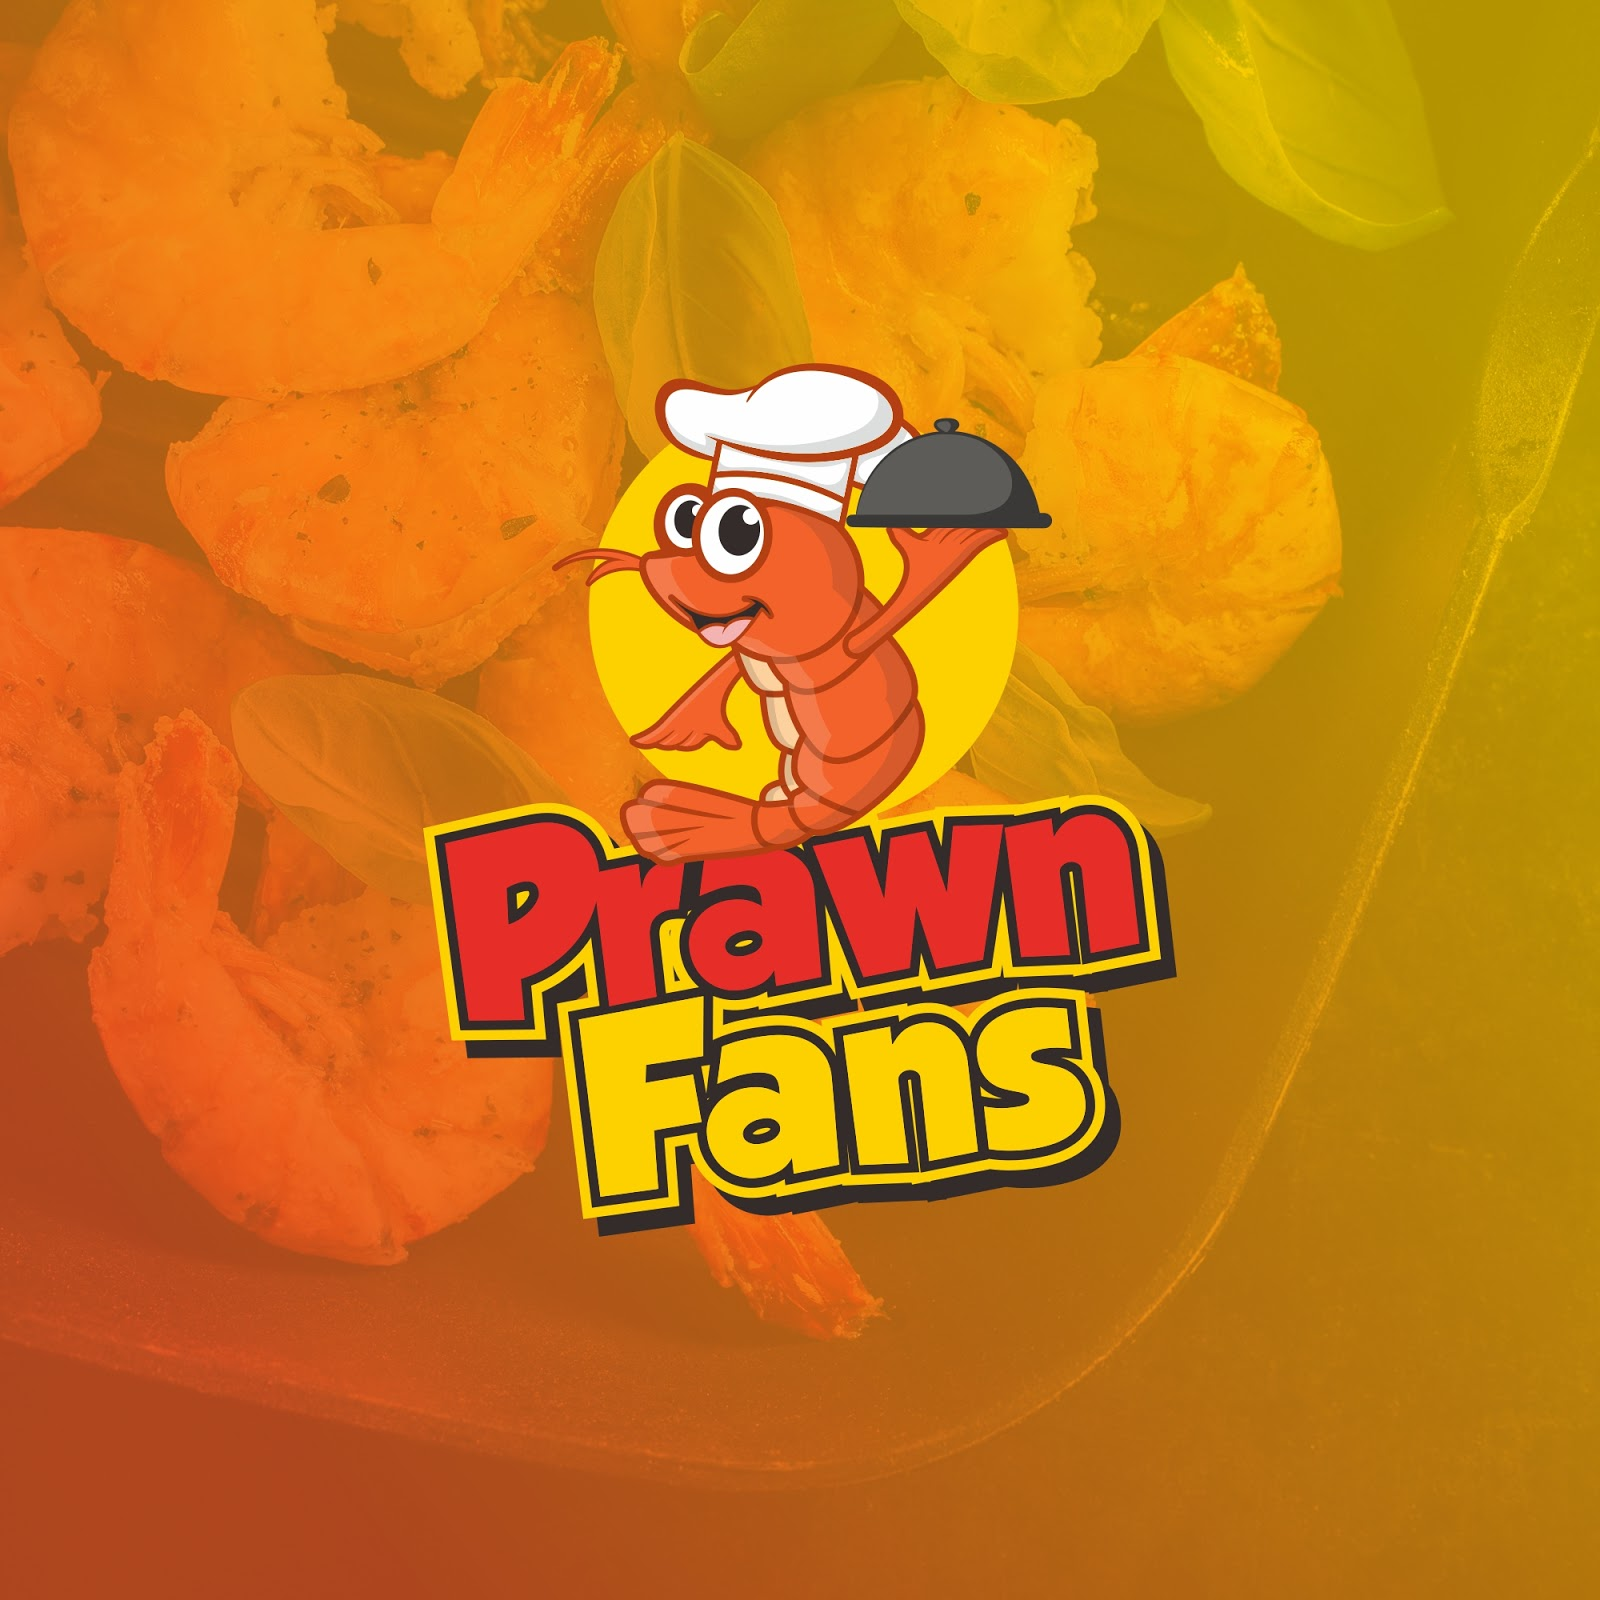 Desain Logo Maskot Atau Karakter Udang Untuk Prawn Fans Jasa